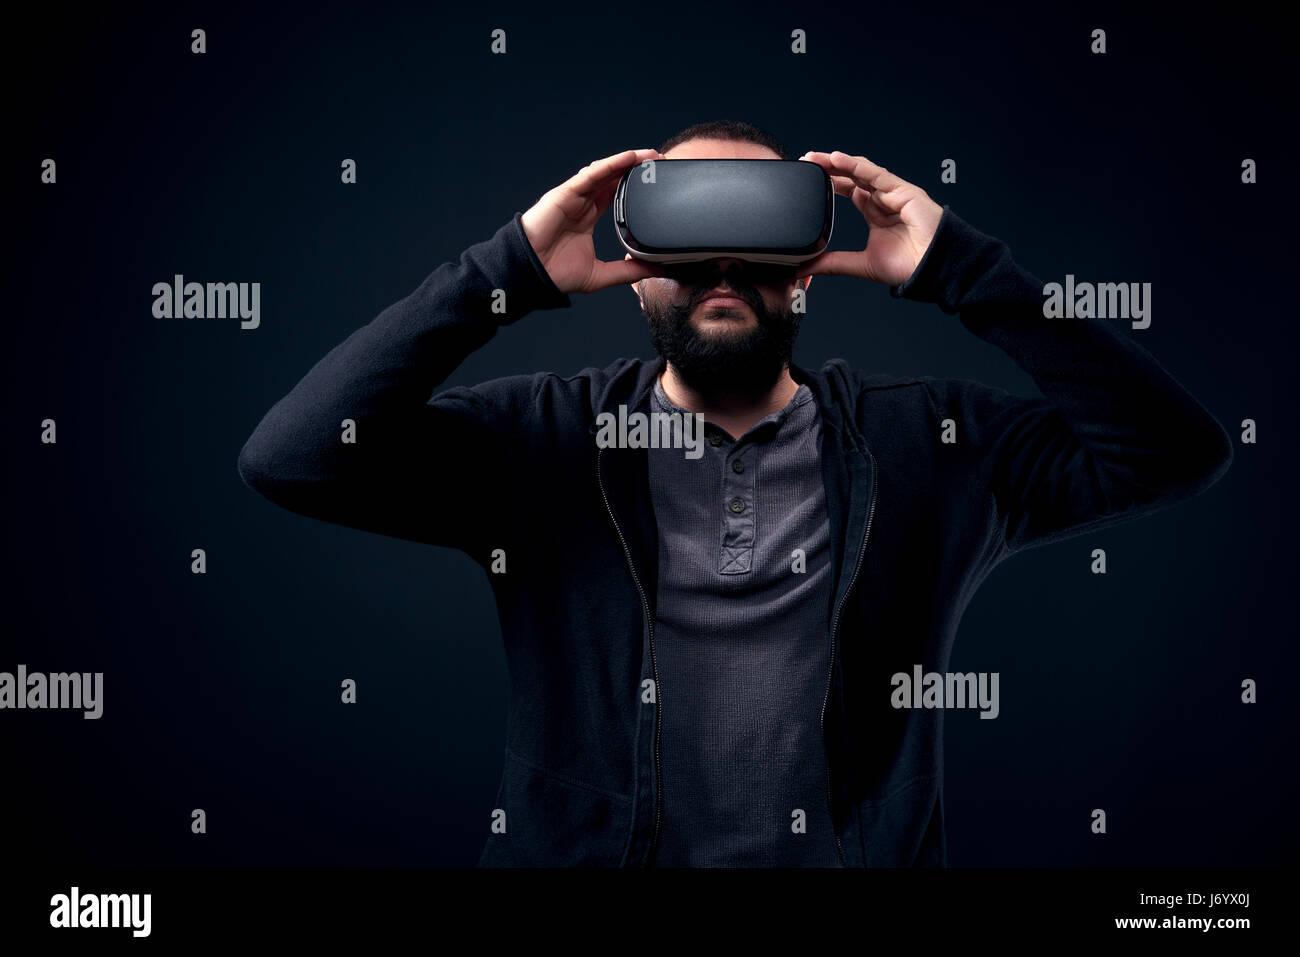 Tanga giovane uomo barbuto che indossa la realtà virtuale gli occhiali. Sfondo nero studio concetto vr Immagini Stock